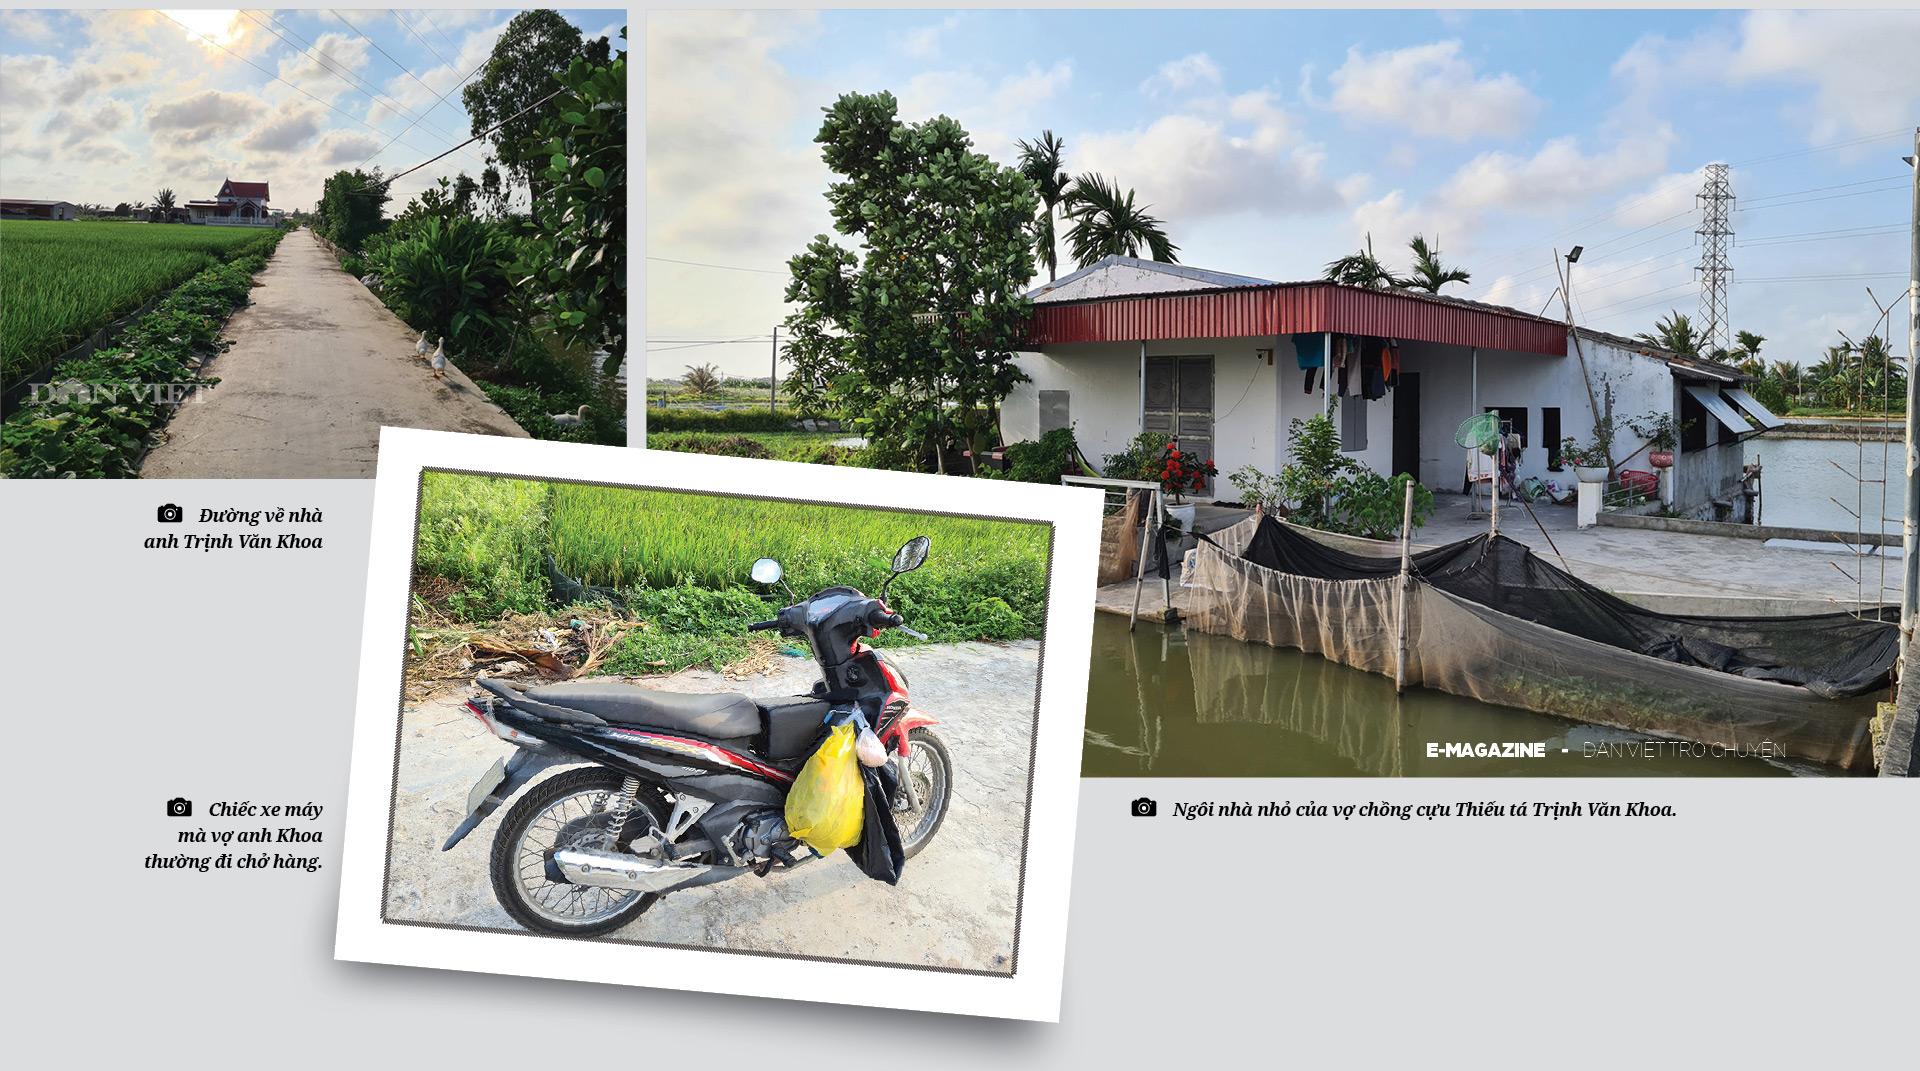 """Bố mẹ cựu thiếu tá công an Trịnh Văn Khoa: """"Gia đình tôi tiếc và lo lắm, nhưng rất tự hào về Khoa"""" - Ảnh 10."""